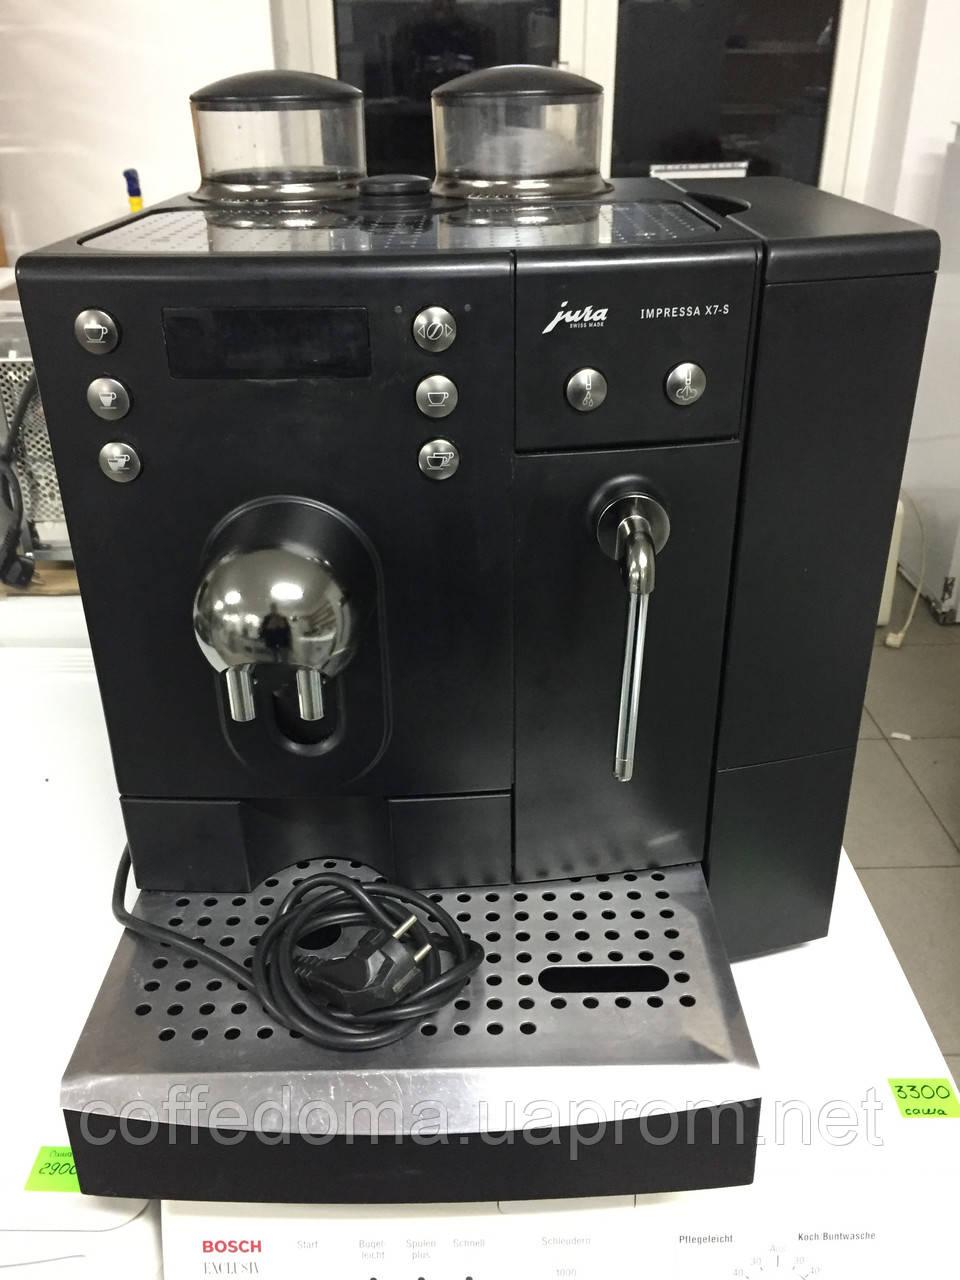 Суперавтомат Jura Impressa X7-S профессиональная автоматическая кофемашина